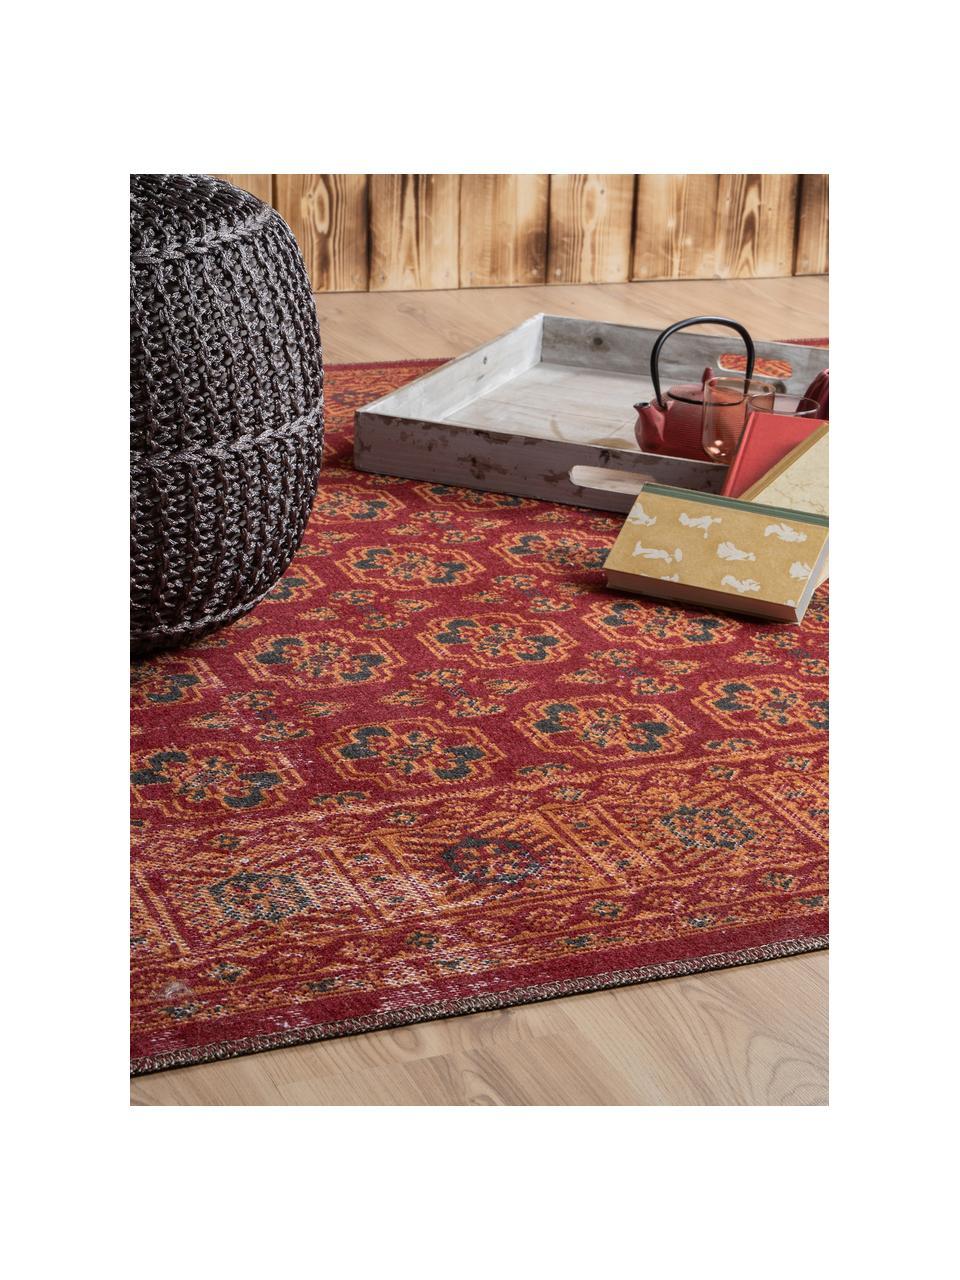 In- & outdoor vloerkleed Tilas in rood/oranje, oosterse stijl, 100% polypropyleen, Rood, oranje, antraciet, B 80 x L 150 cm (maat XS)